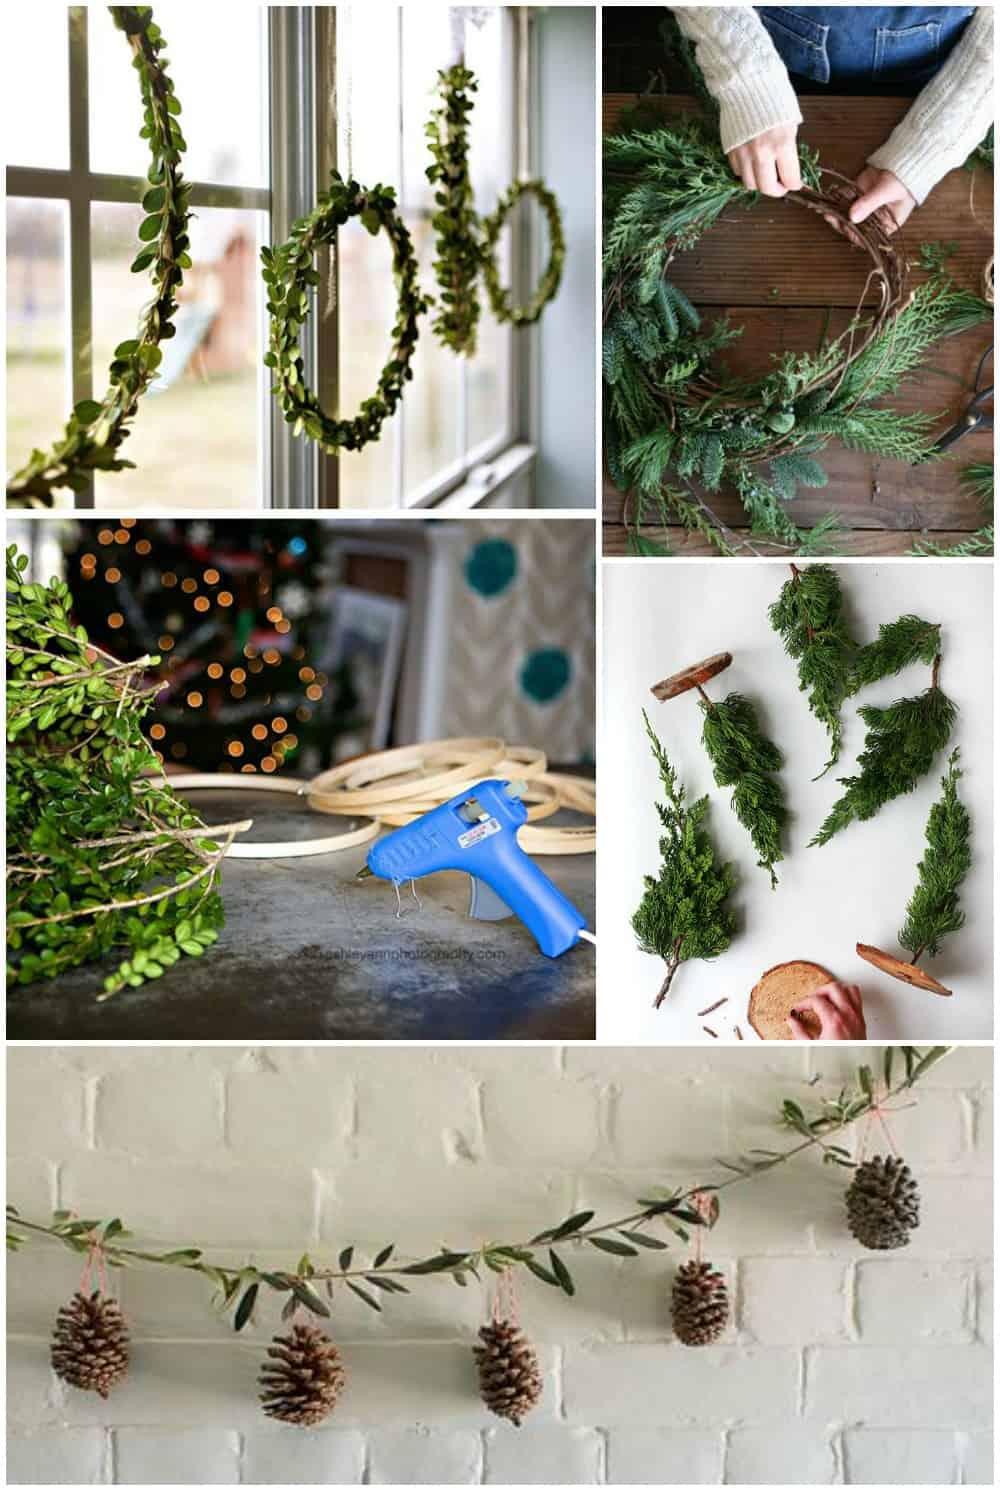 Natale arredo tendenze shabby chic stile scandinavo e - Decorazioni natalizie legno fai da te ...